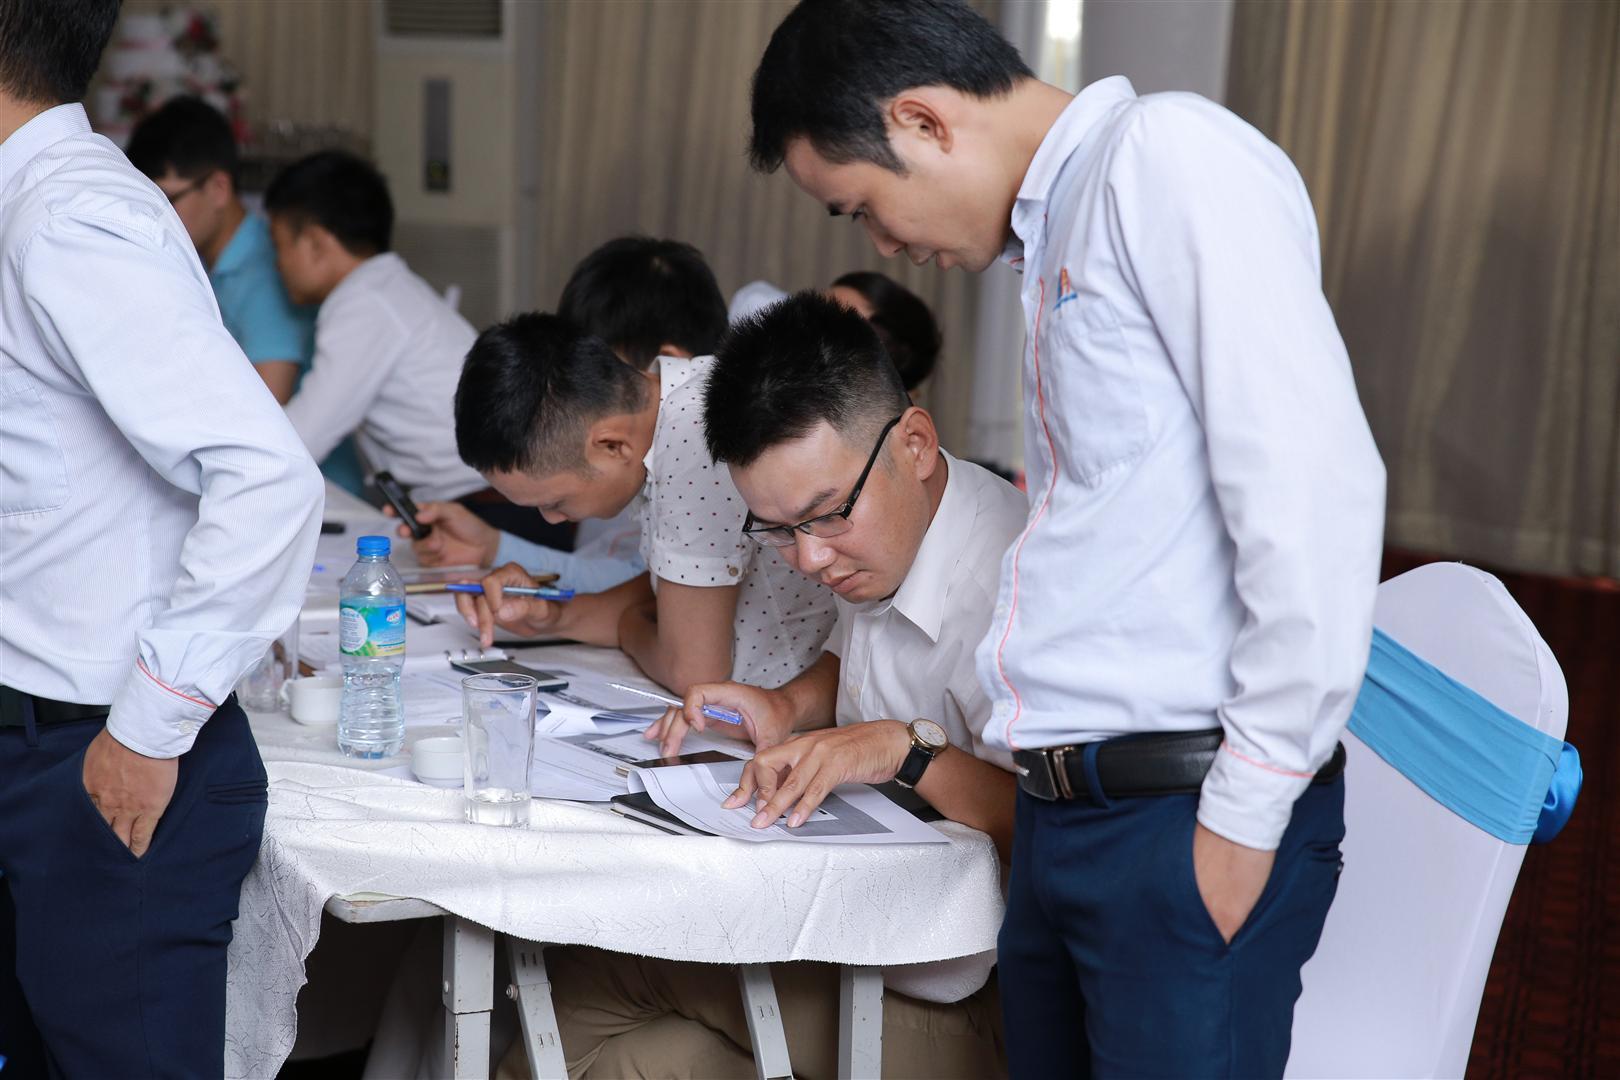 Trình dược viên thực hành sử dụng phần mềm bán hàng